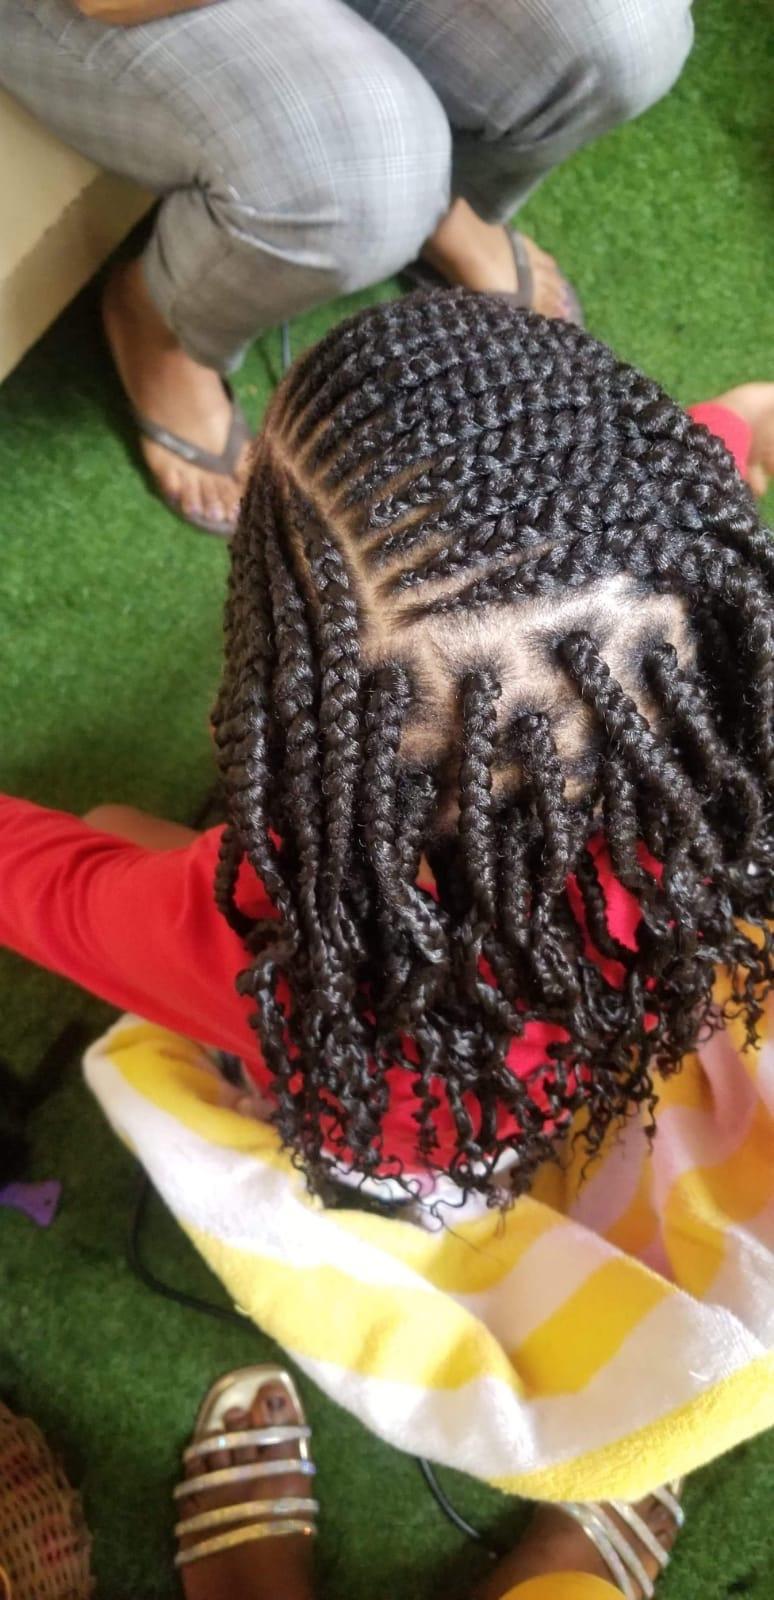 salon de coiffure afro tresse tresses box braids crochet braids vanilles tissages paris 75 77 78 91 92 93 94 95 JNAFVPIT